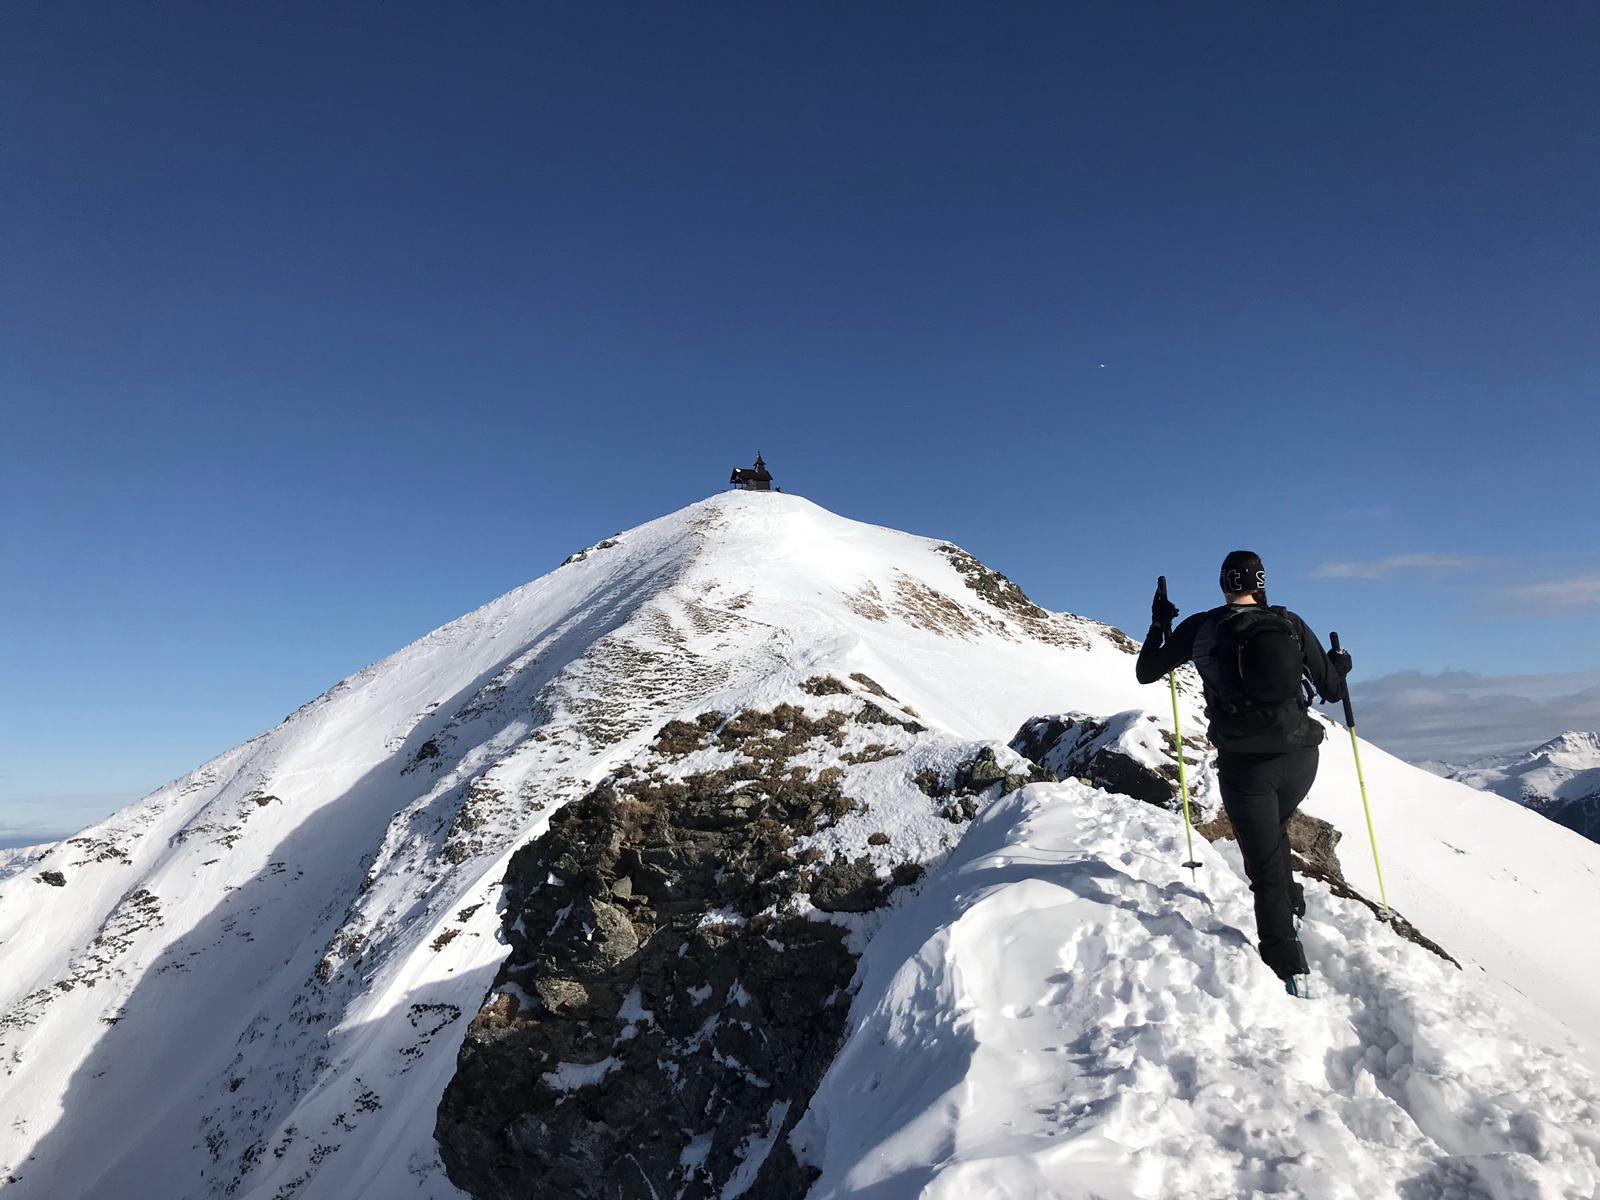 Aufstieg zum Gipfel, Skitour Kellerjoch